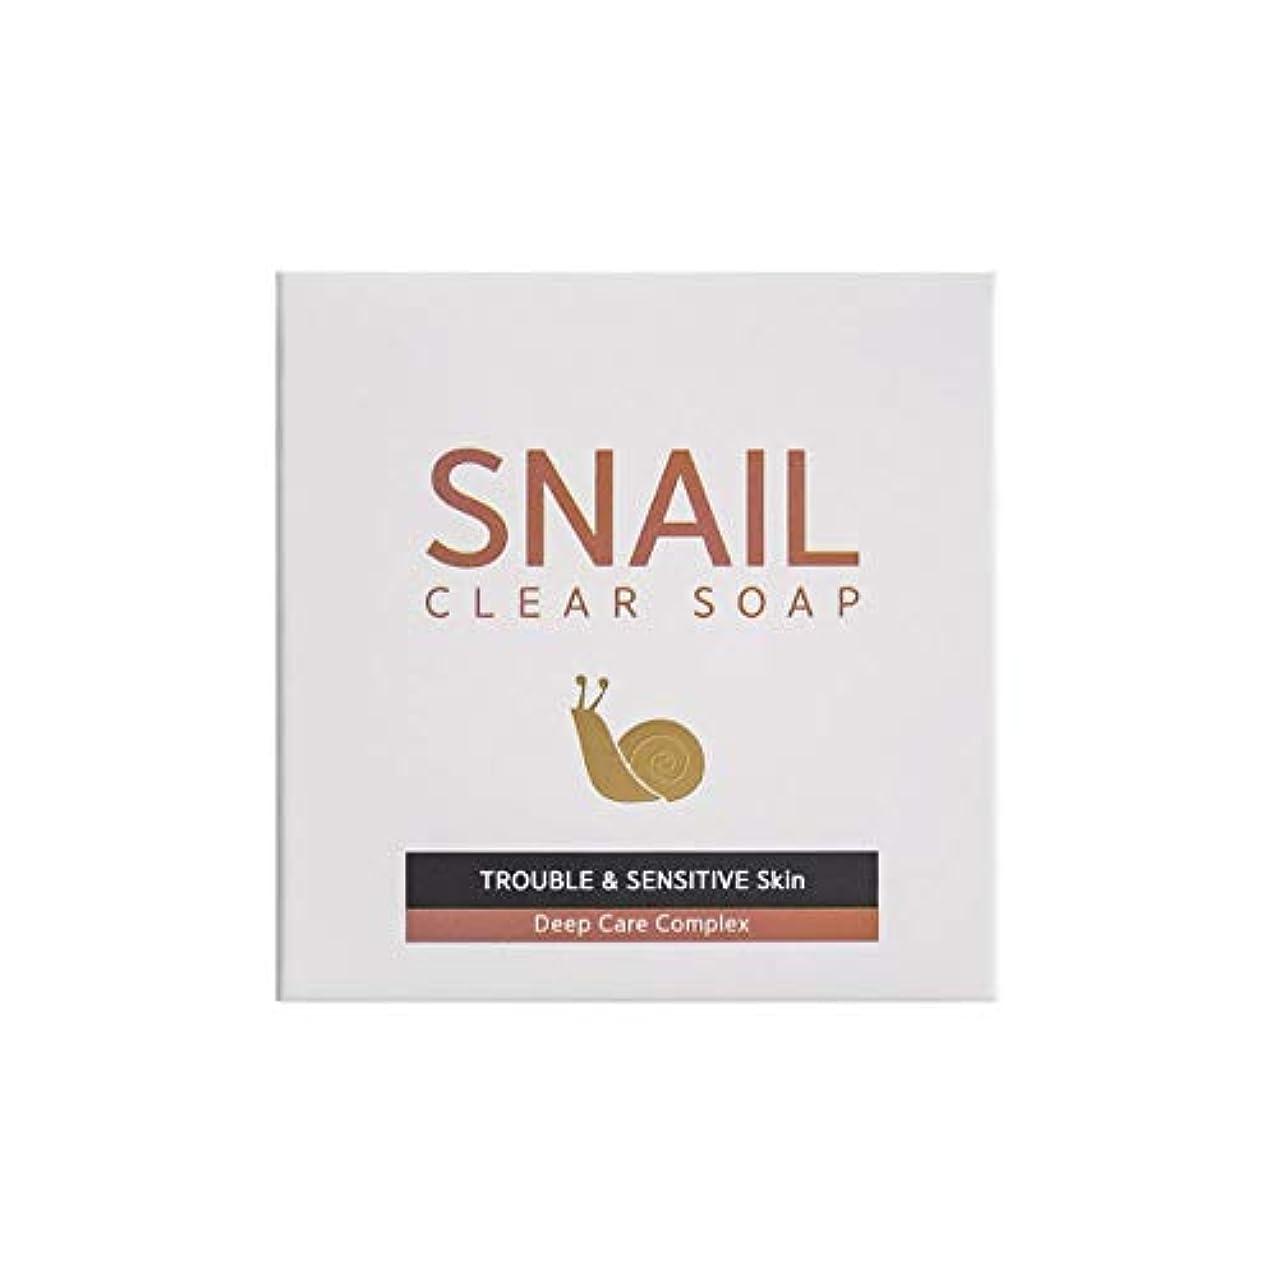 楕円形不規則なまさに[RNT International] YUNE25 Snail Clear Soap クリア ソープ 固形 せっけん [並行輸入品]